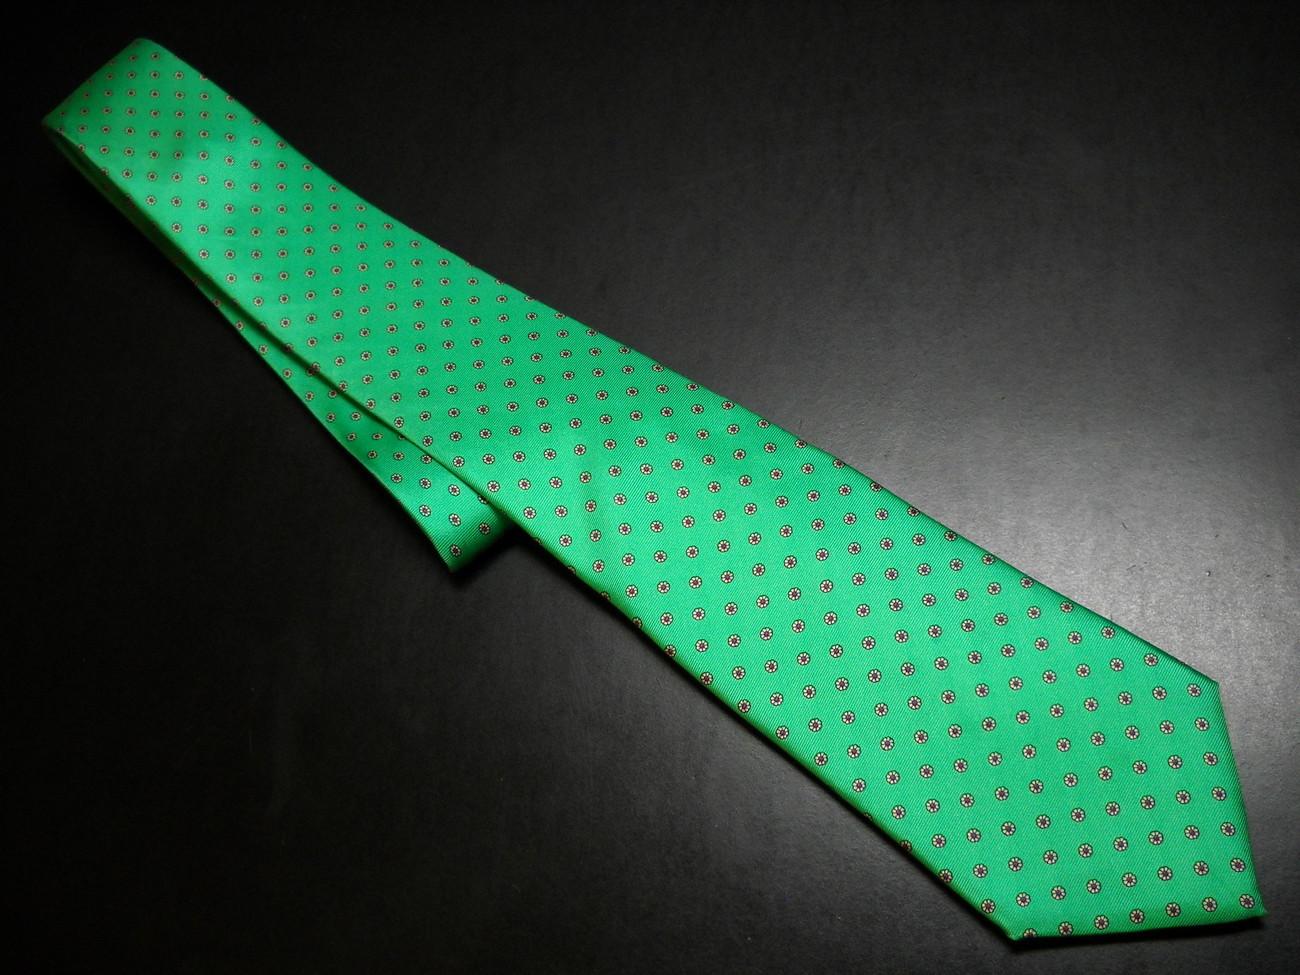 Chaps Ralph Lauren Neck Tie Bright Green with Repeating Small Blooms Chaps Ralph Lauren